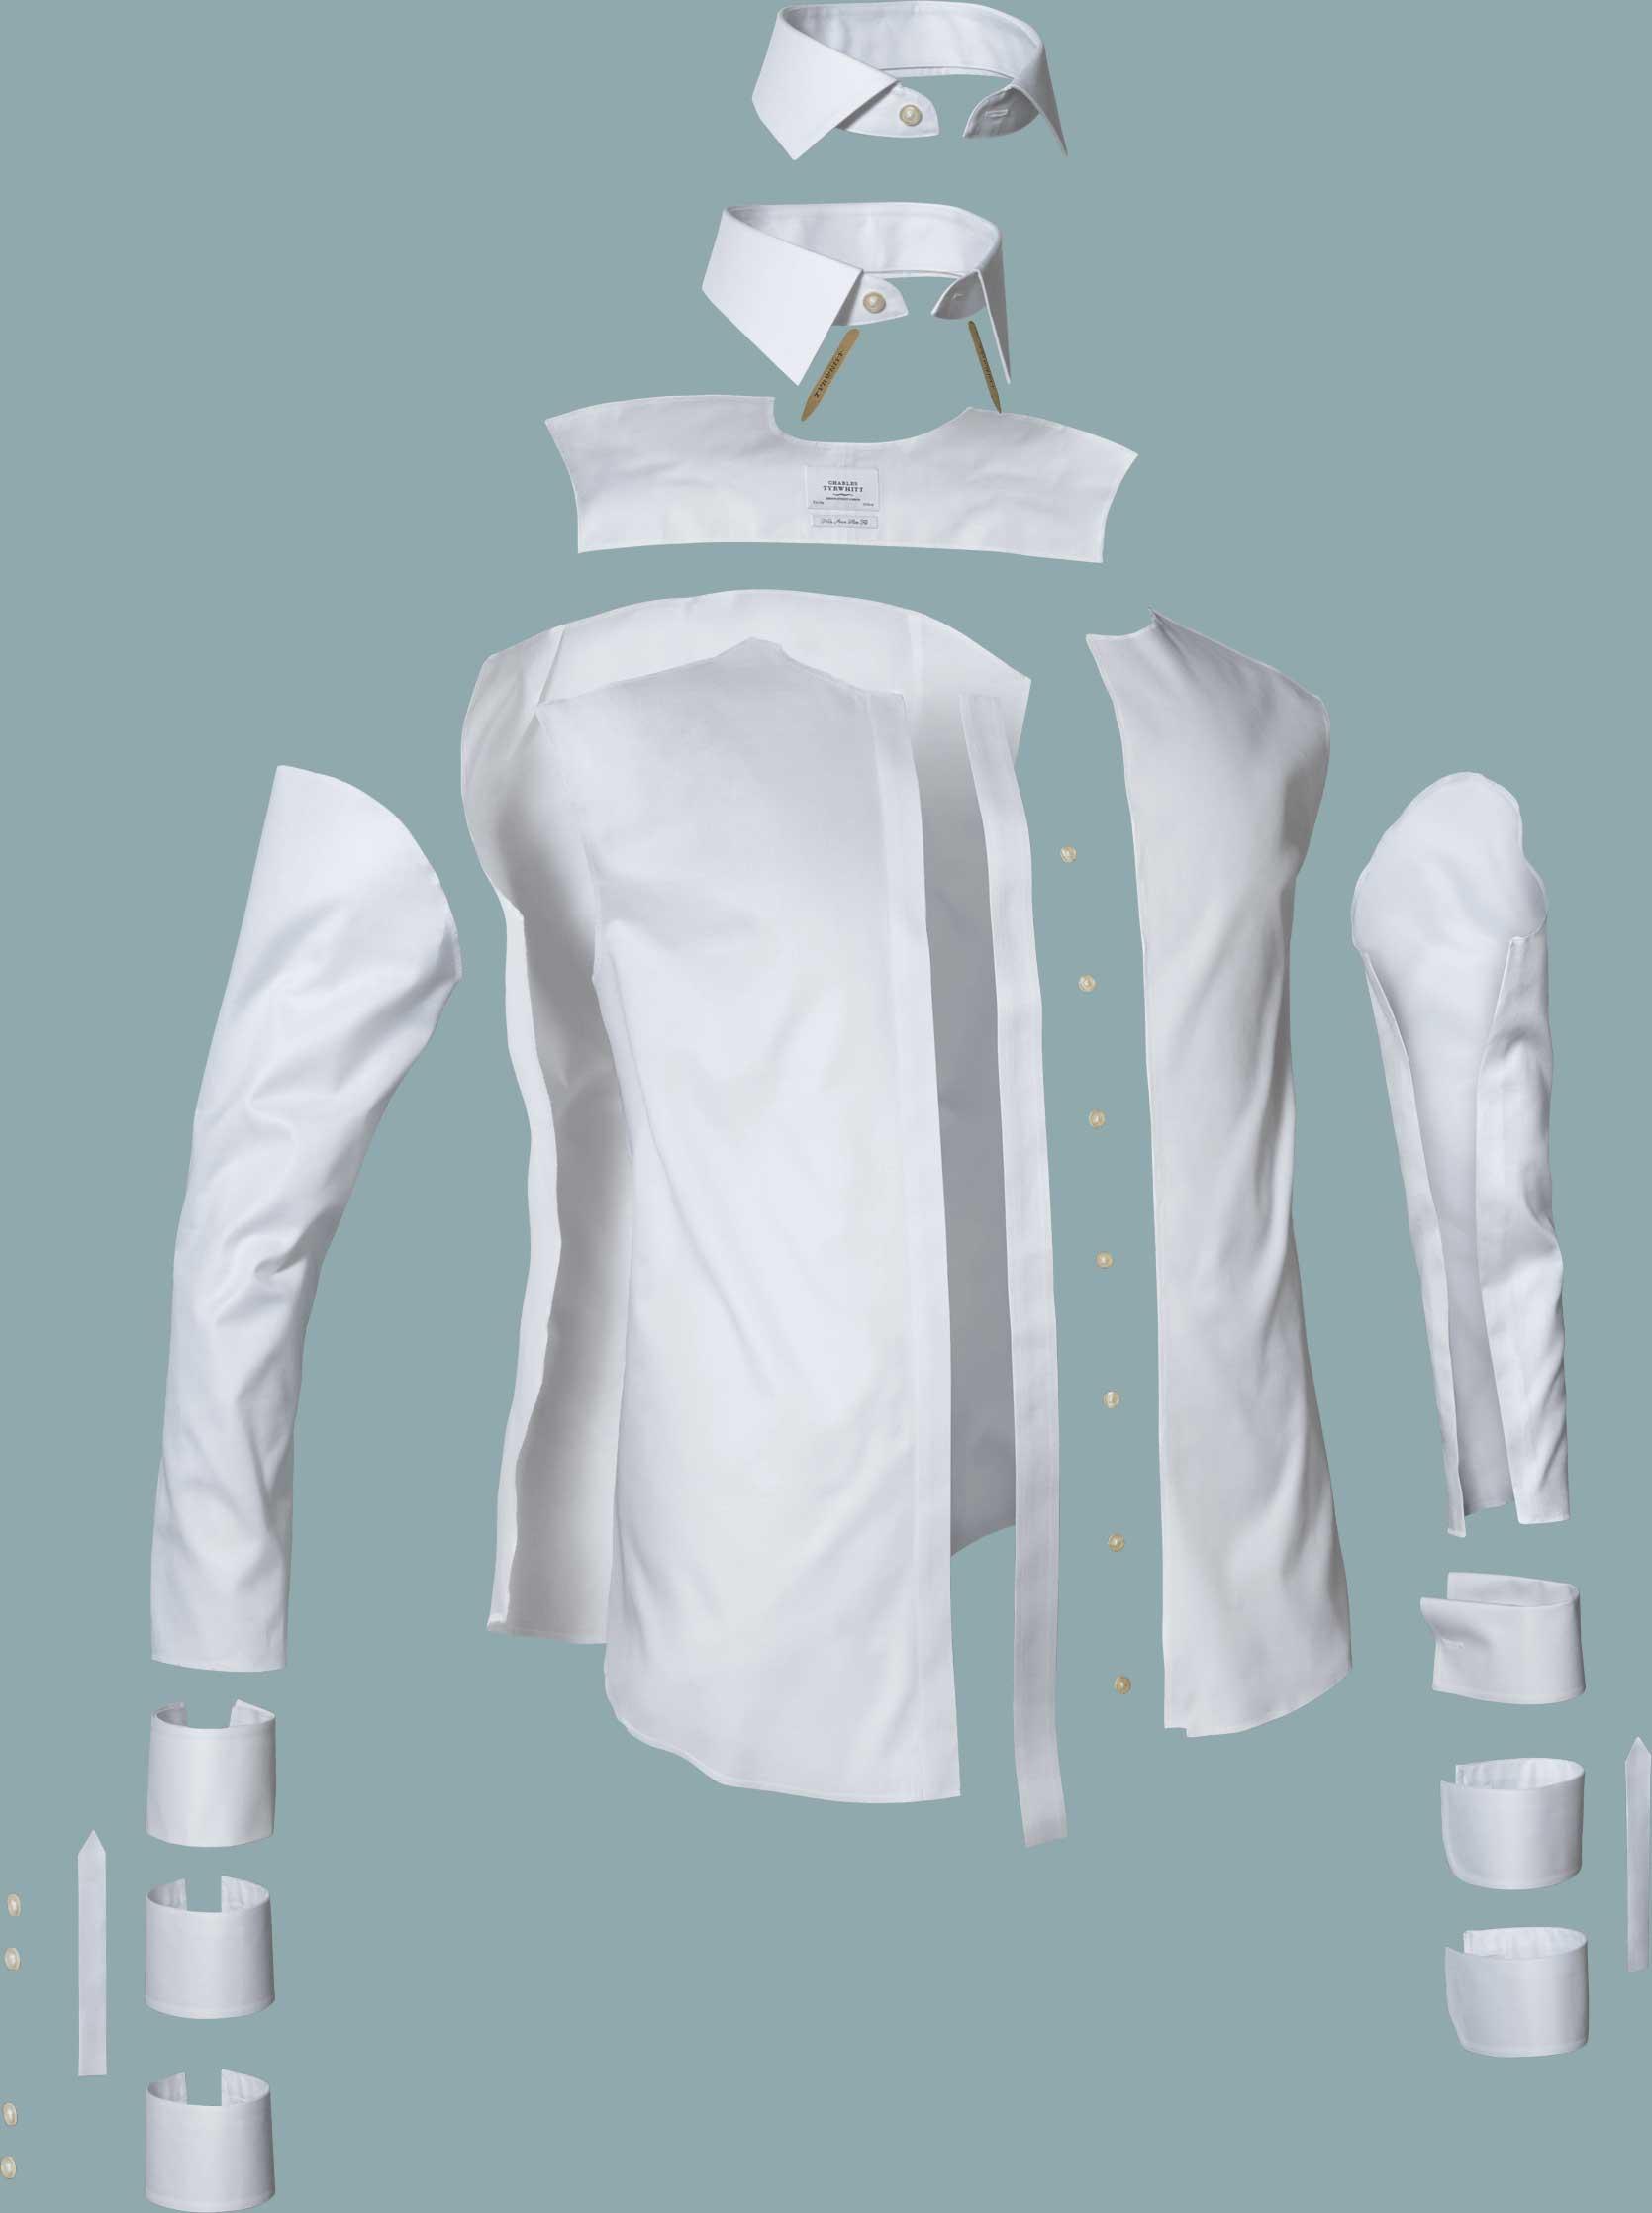 structuur van het overhemd